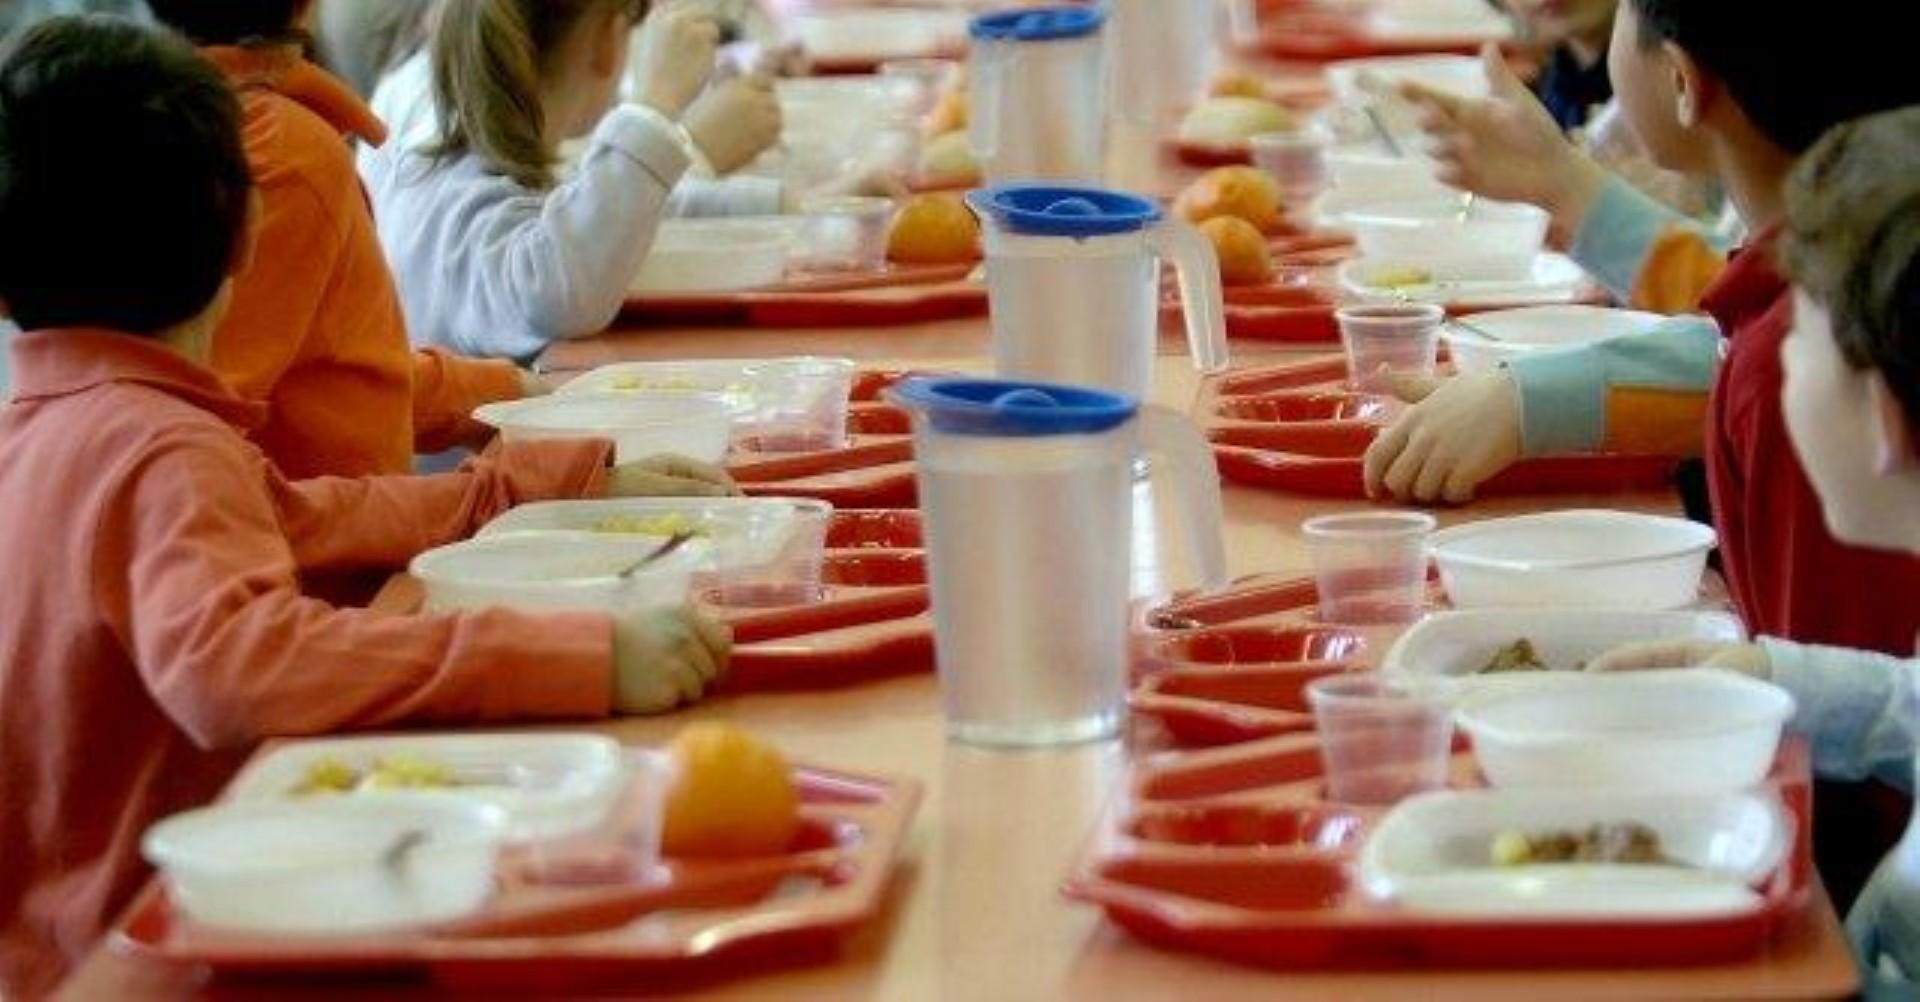 Celiachia no problem nelle mense del Chianti: punti cottura senza glutine